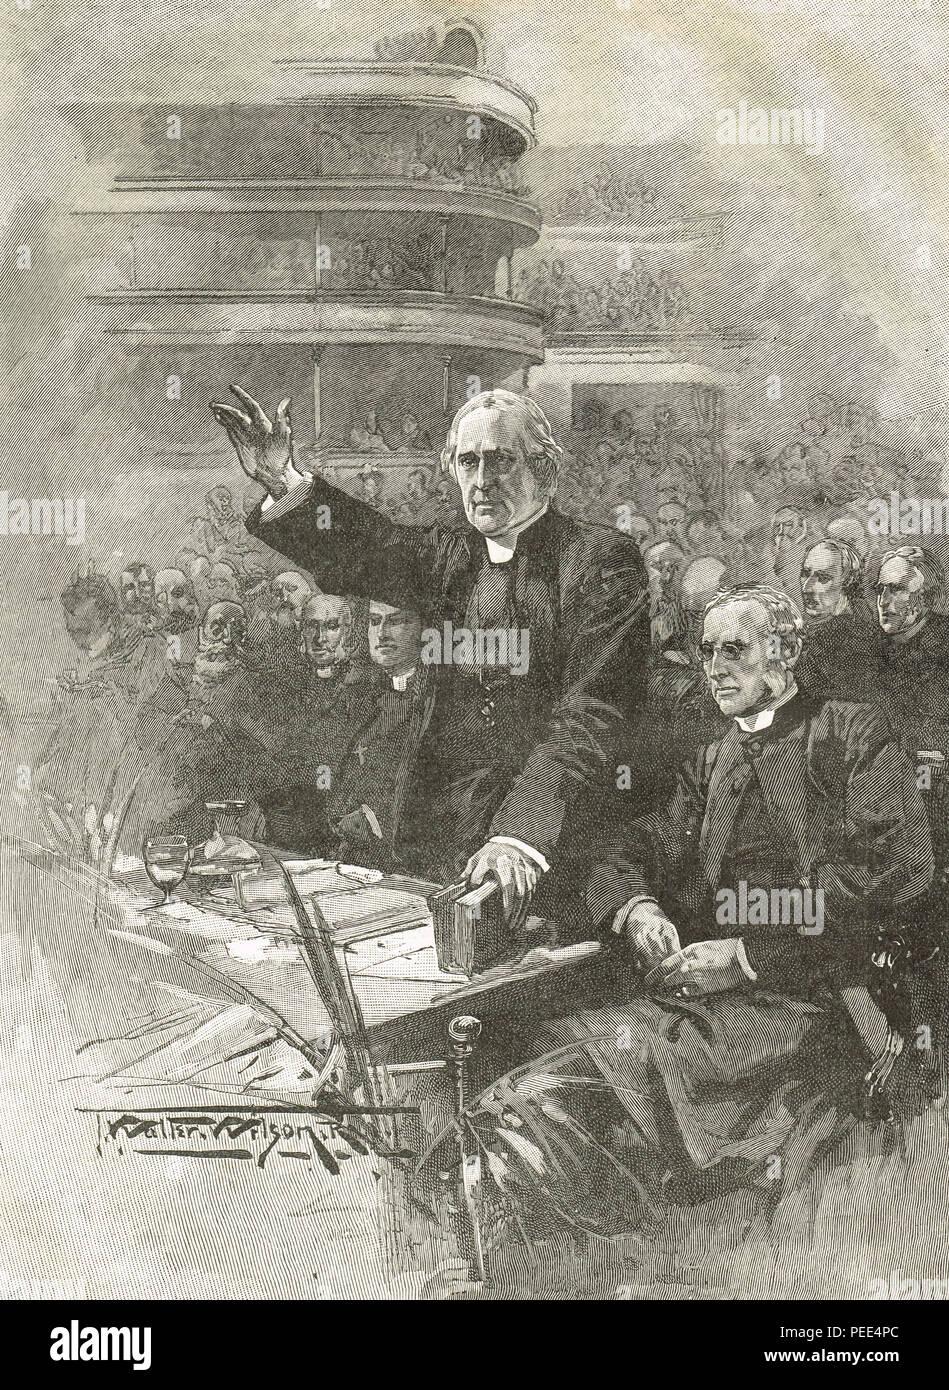 L'archevêque de Canterbury, Edward White Benson, démonstration au Royal Albert Hall, le 16 mai 1893, en opposition à la Loi suspensif gallois Photo Stock